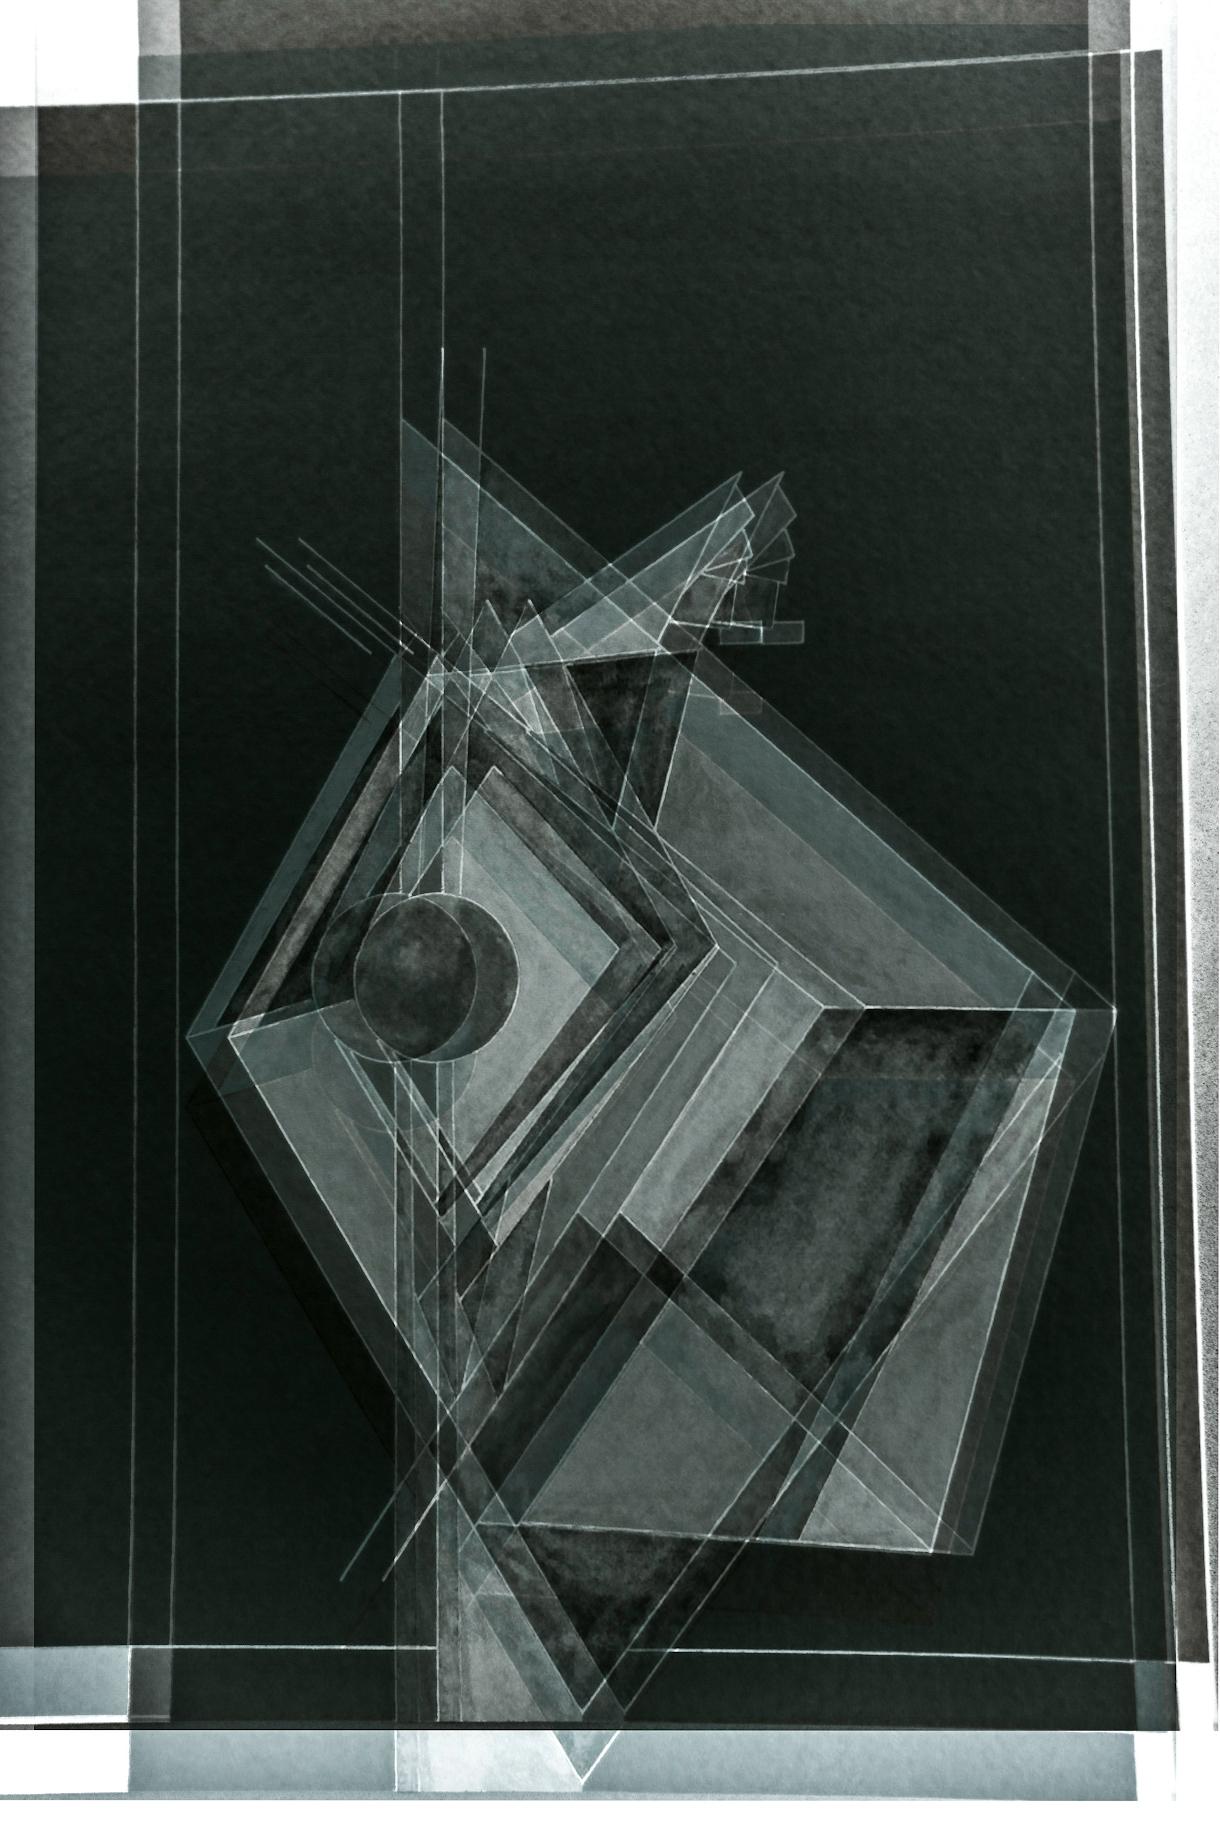 FujiFilm Fujinon XF23mmf2